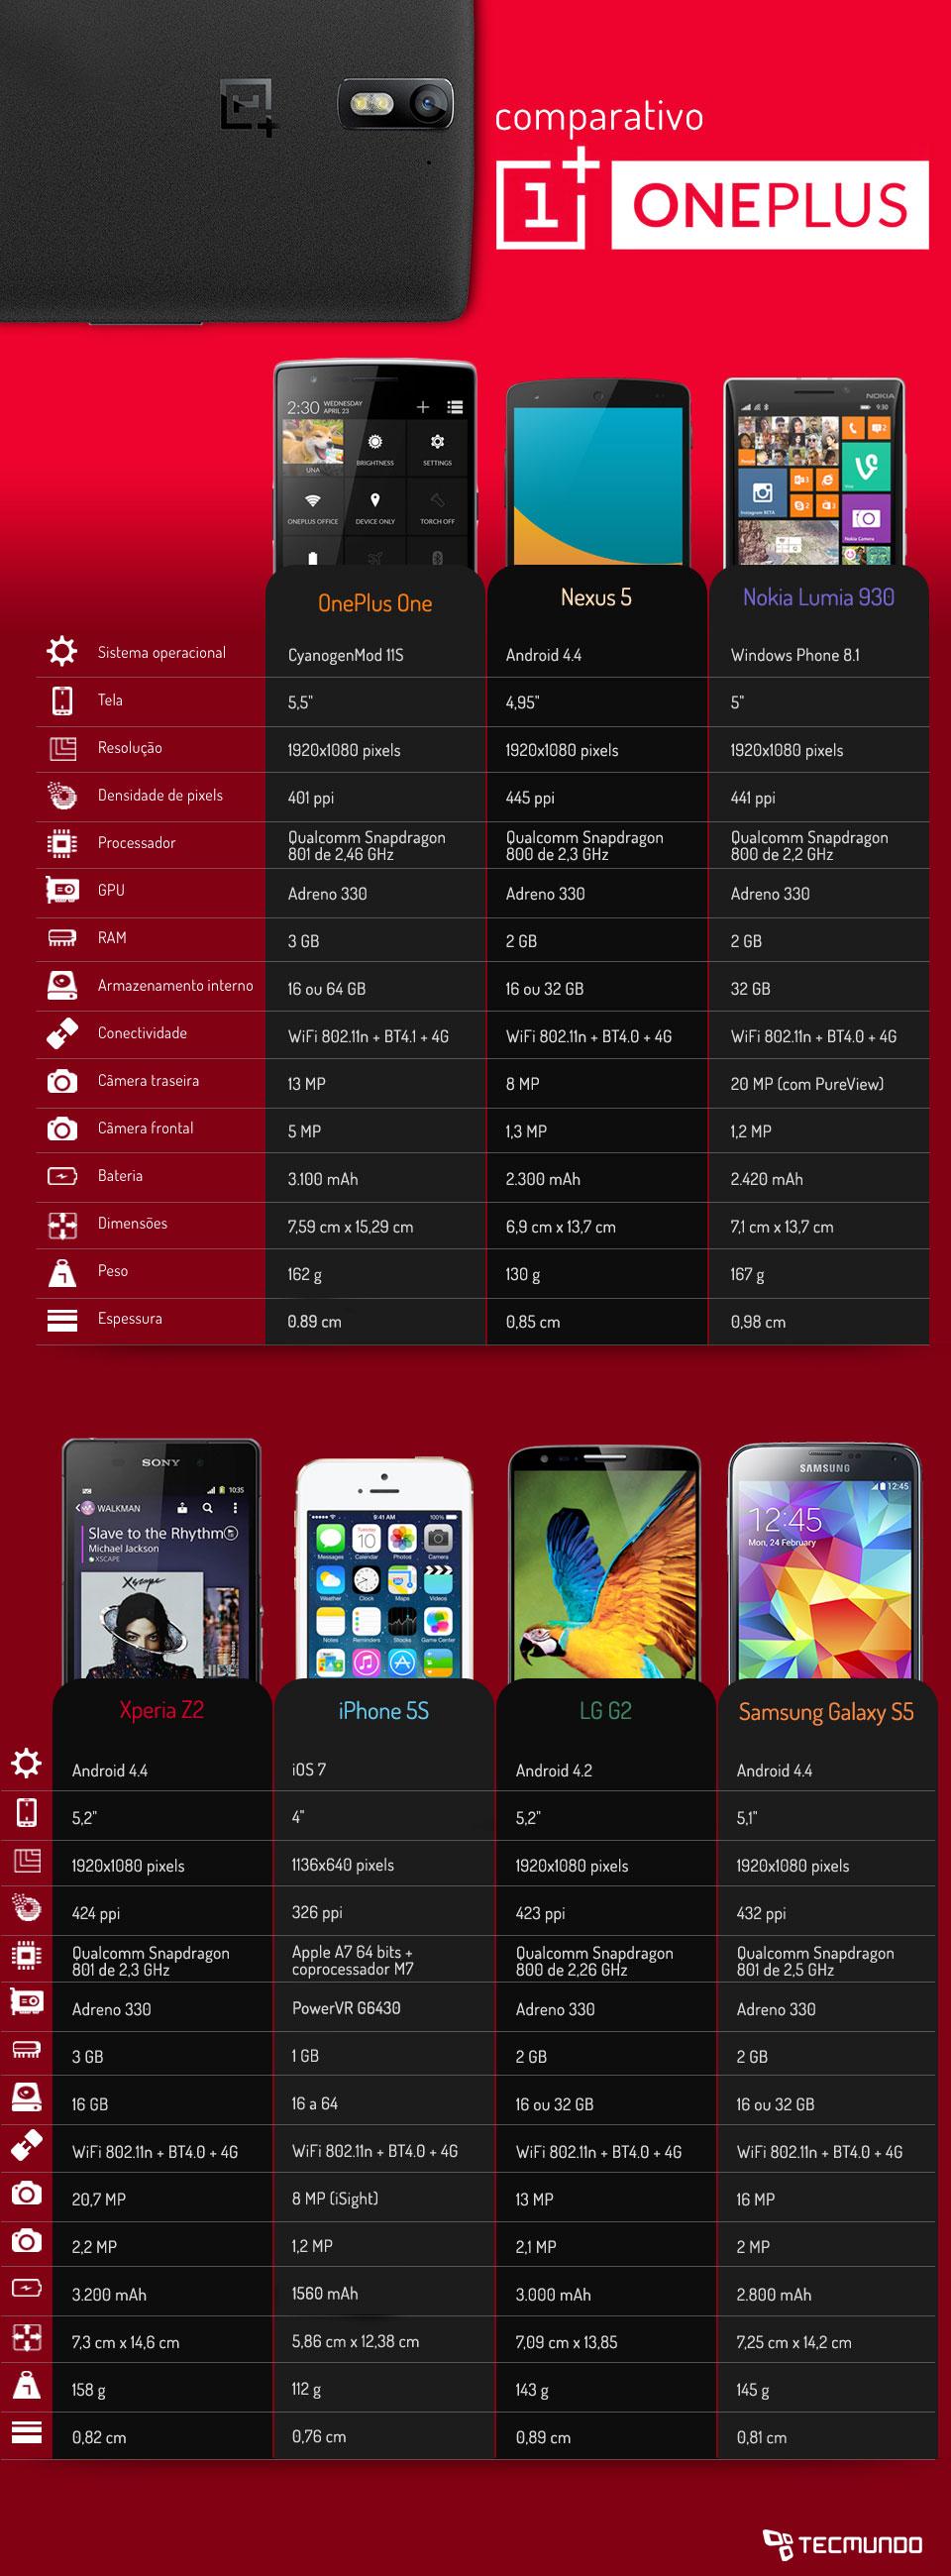 Comparação: OnePlus One contra os principais smartphones do mercado